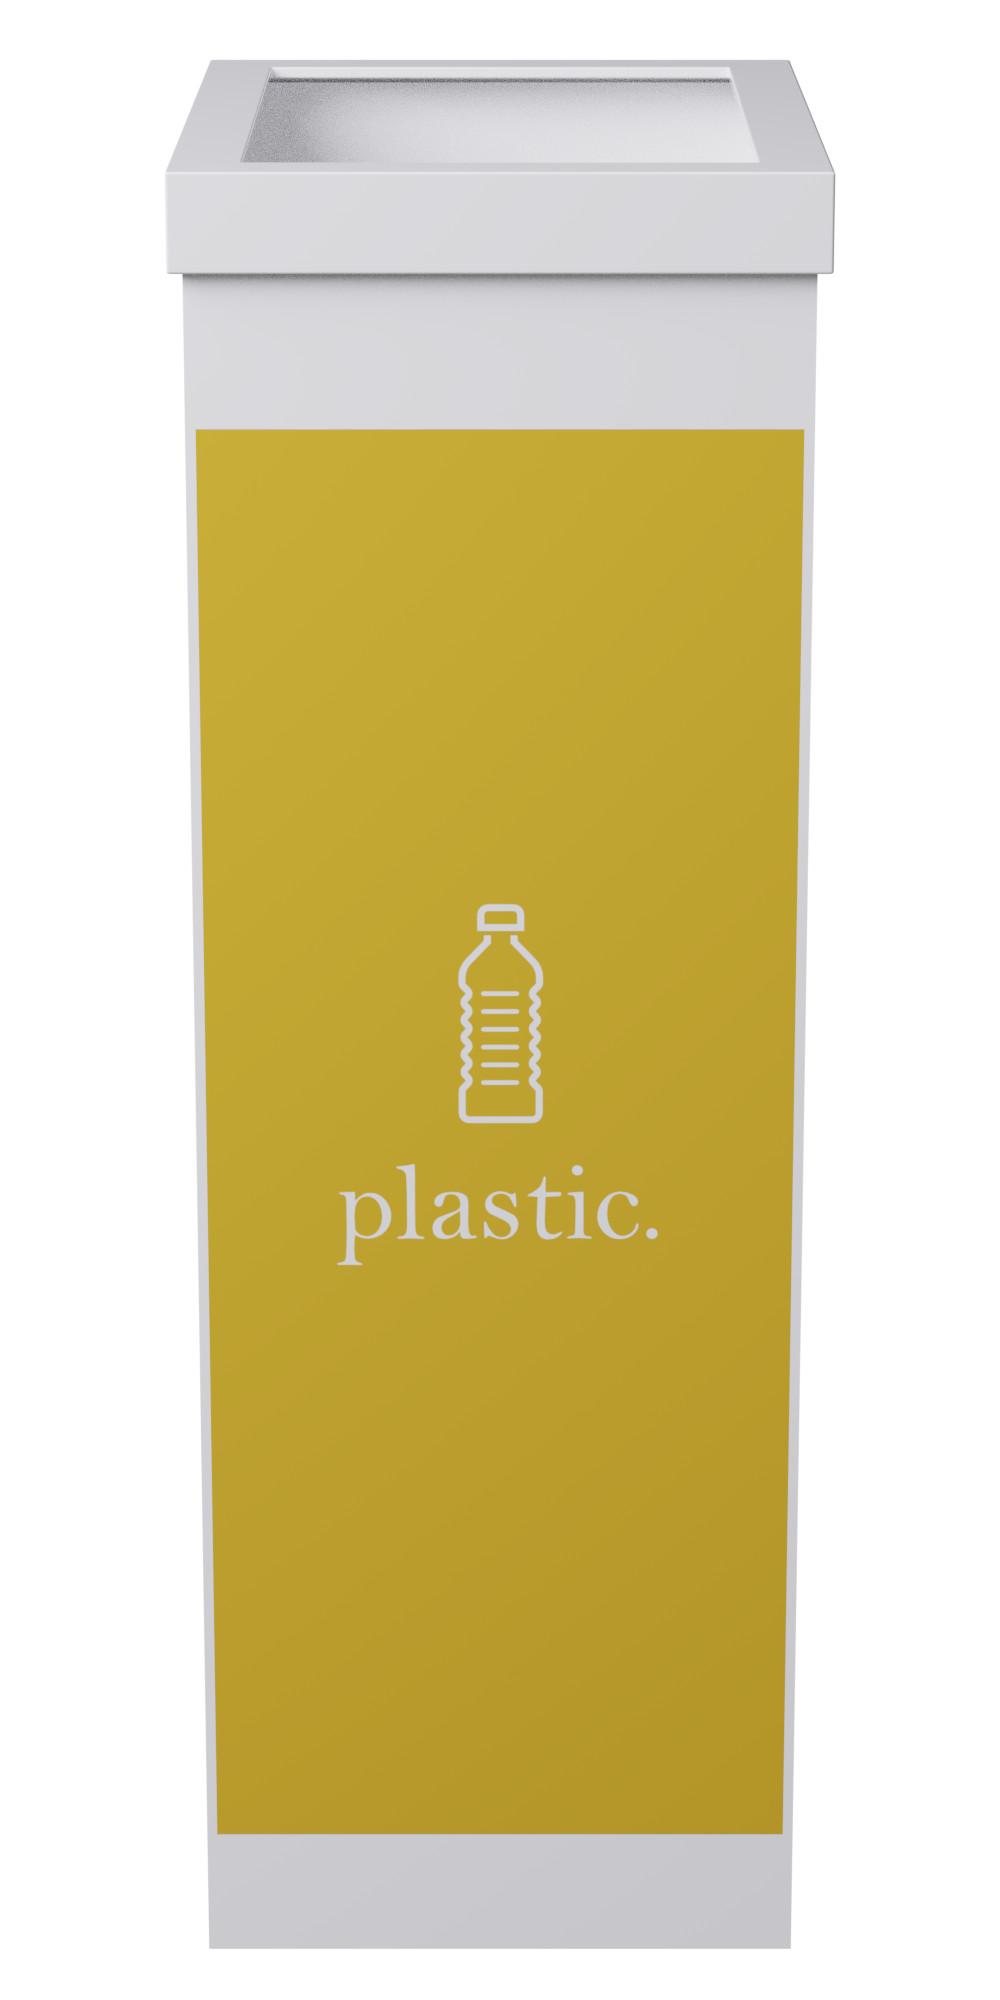 Corbeille de tri sélectif pour le plastique